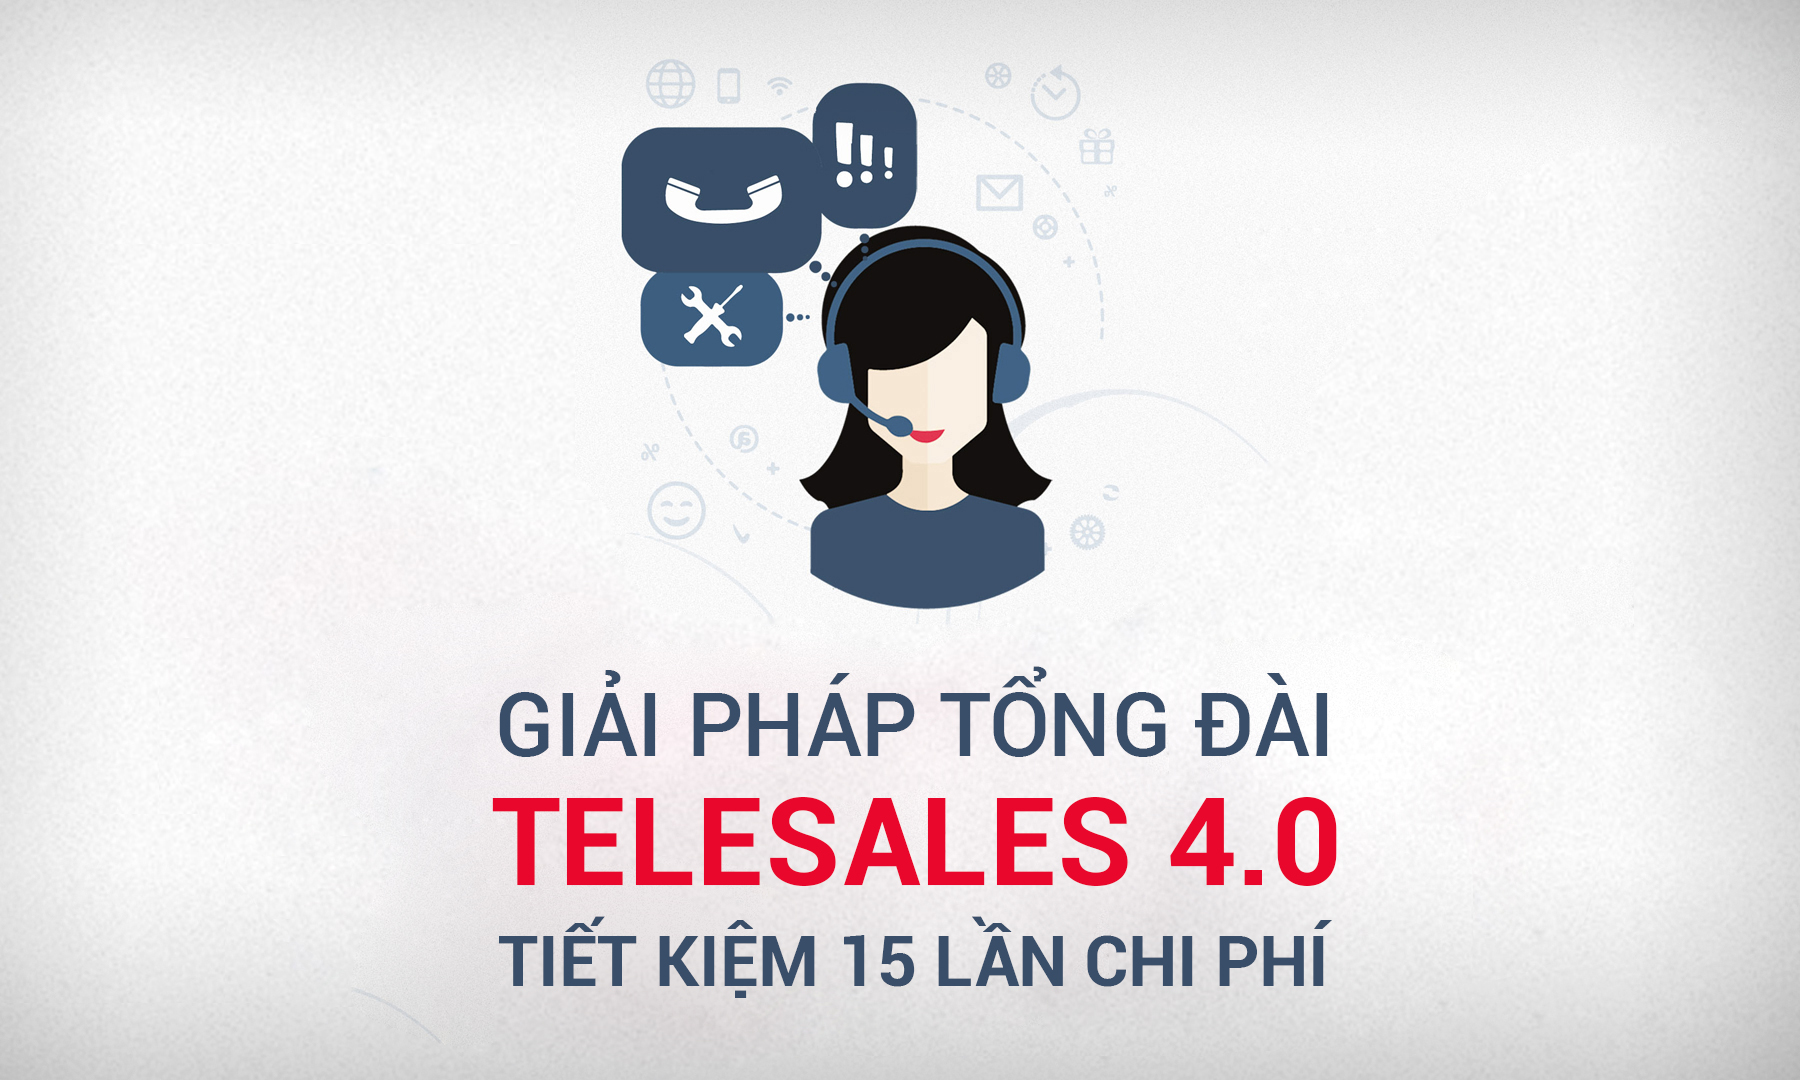 Tổng đài telesales 4.0 tiết kiệm 15 lần chi phí